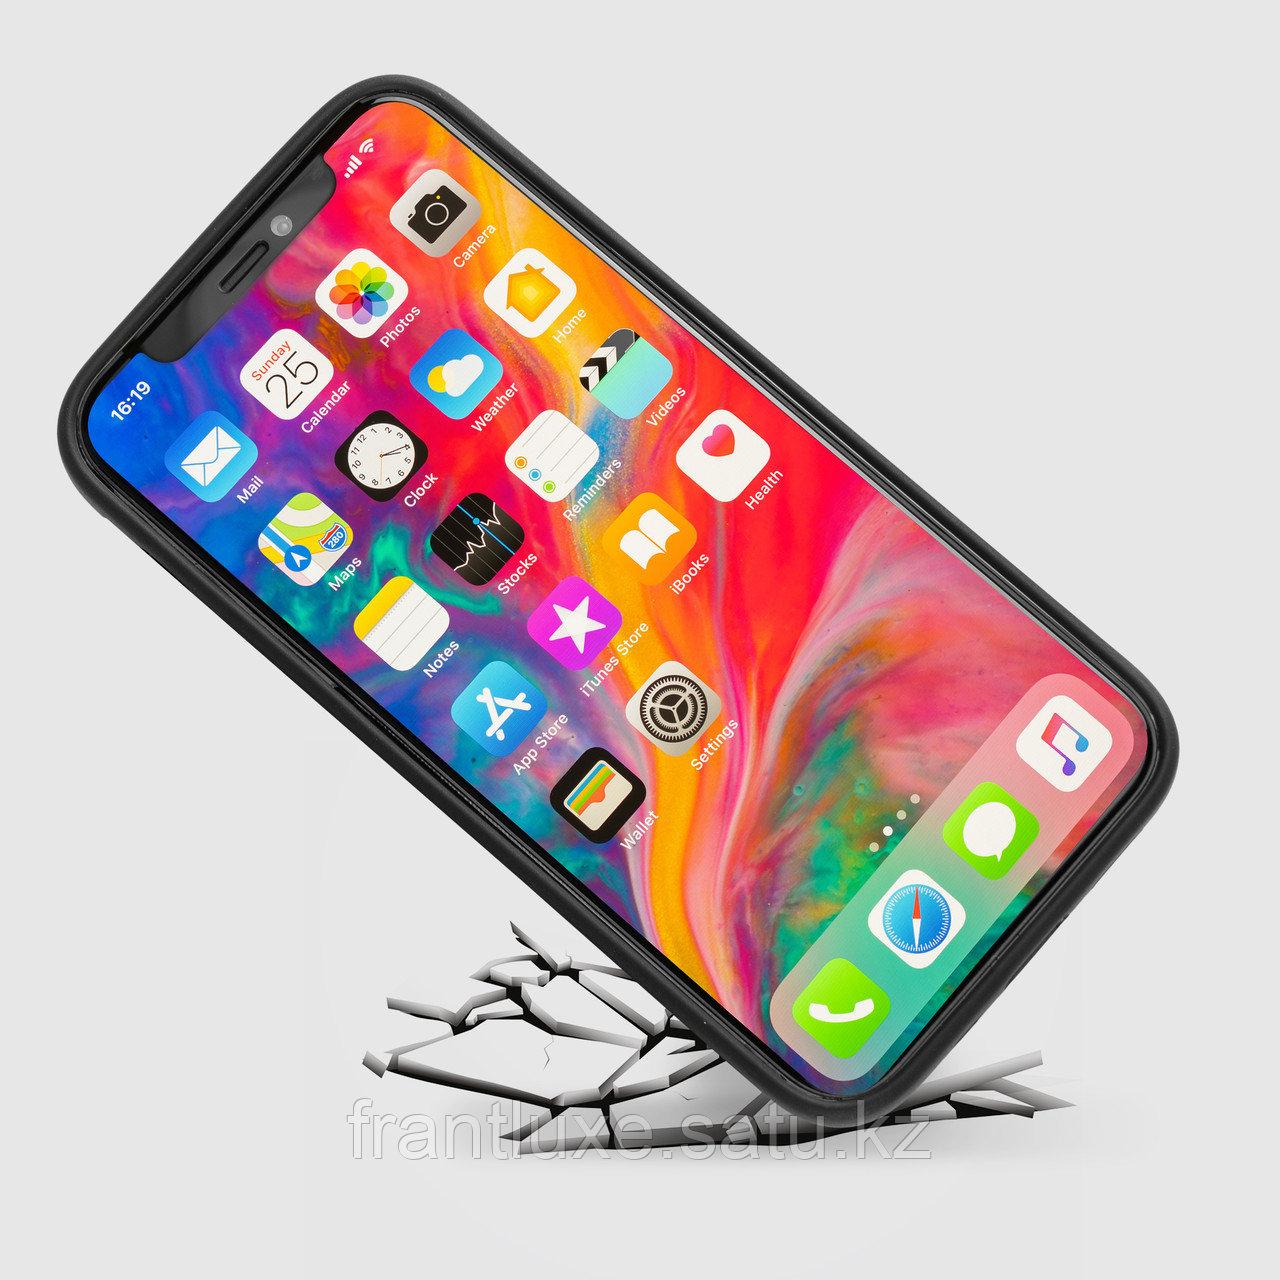 Чехол для телефона iPhone 12/12 Pro синий - фото 9